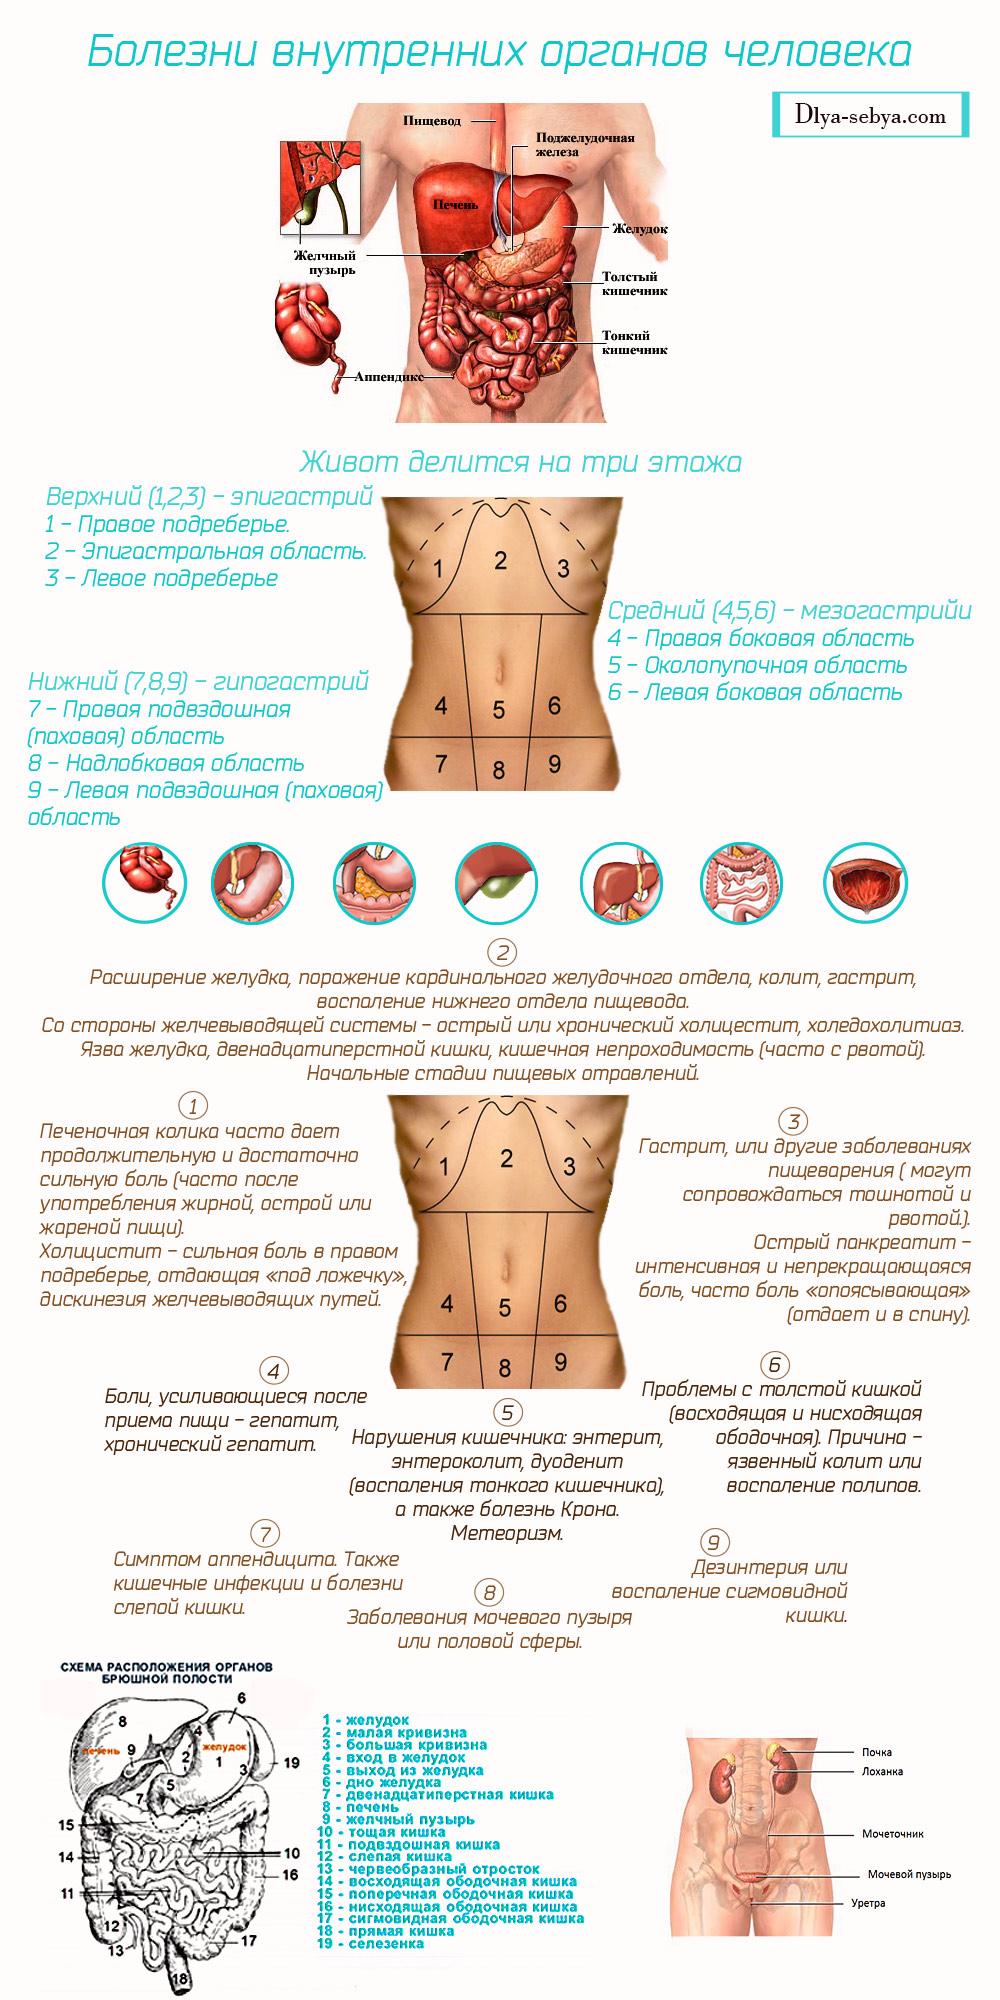 болезни внутренних органов человека, инфографика